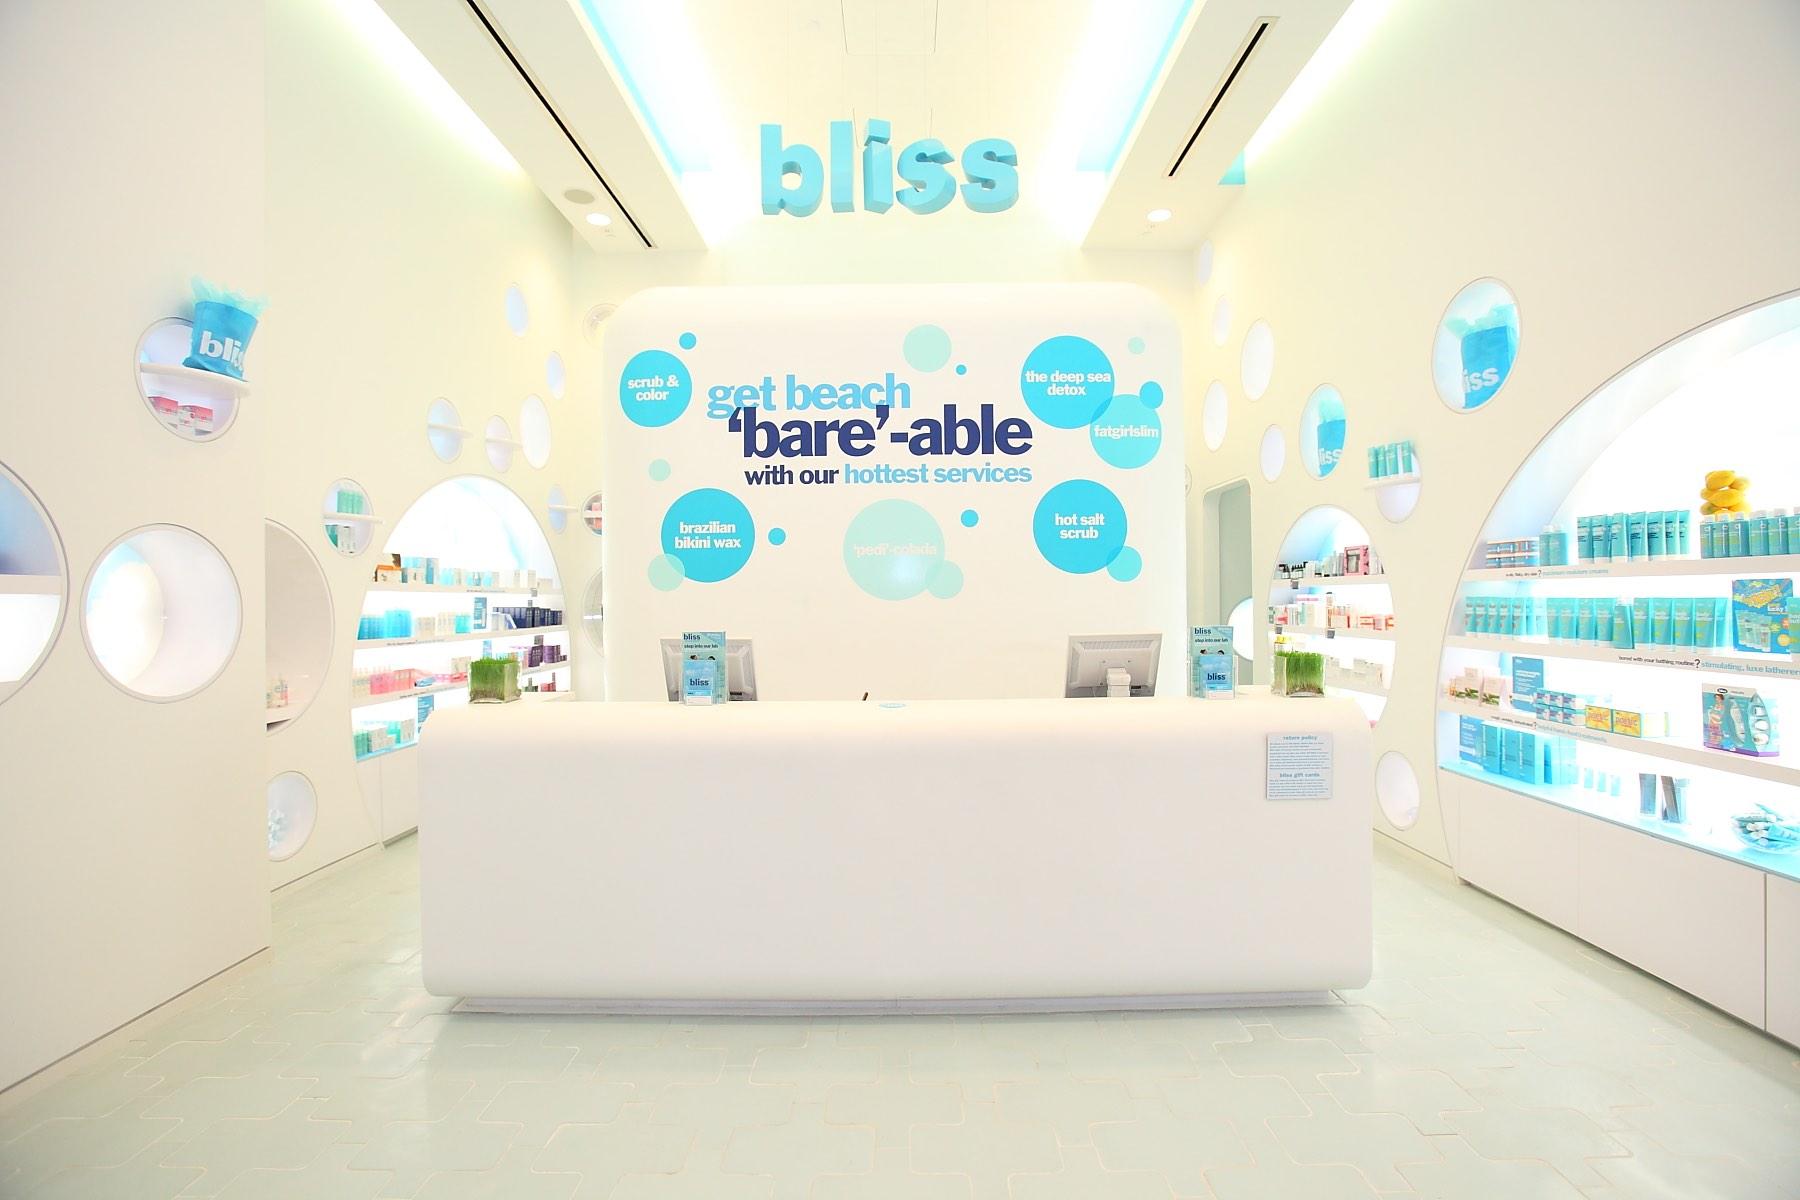 W South Beach - Bliss Lobby 1st floor